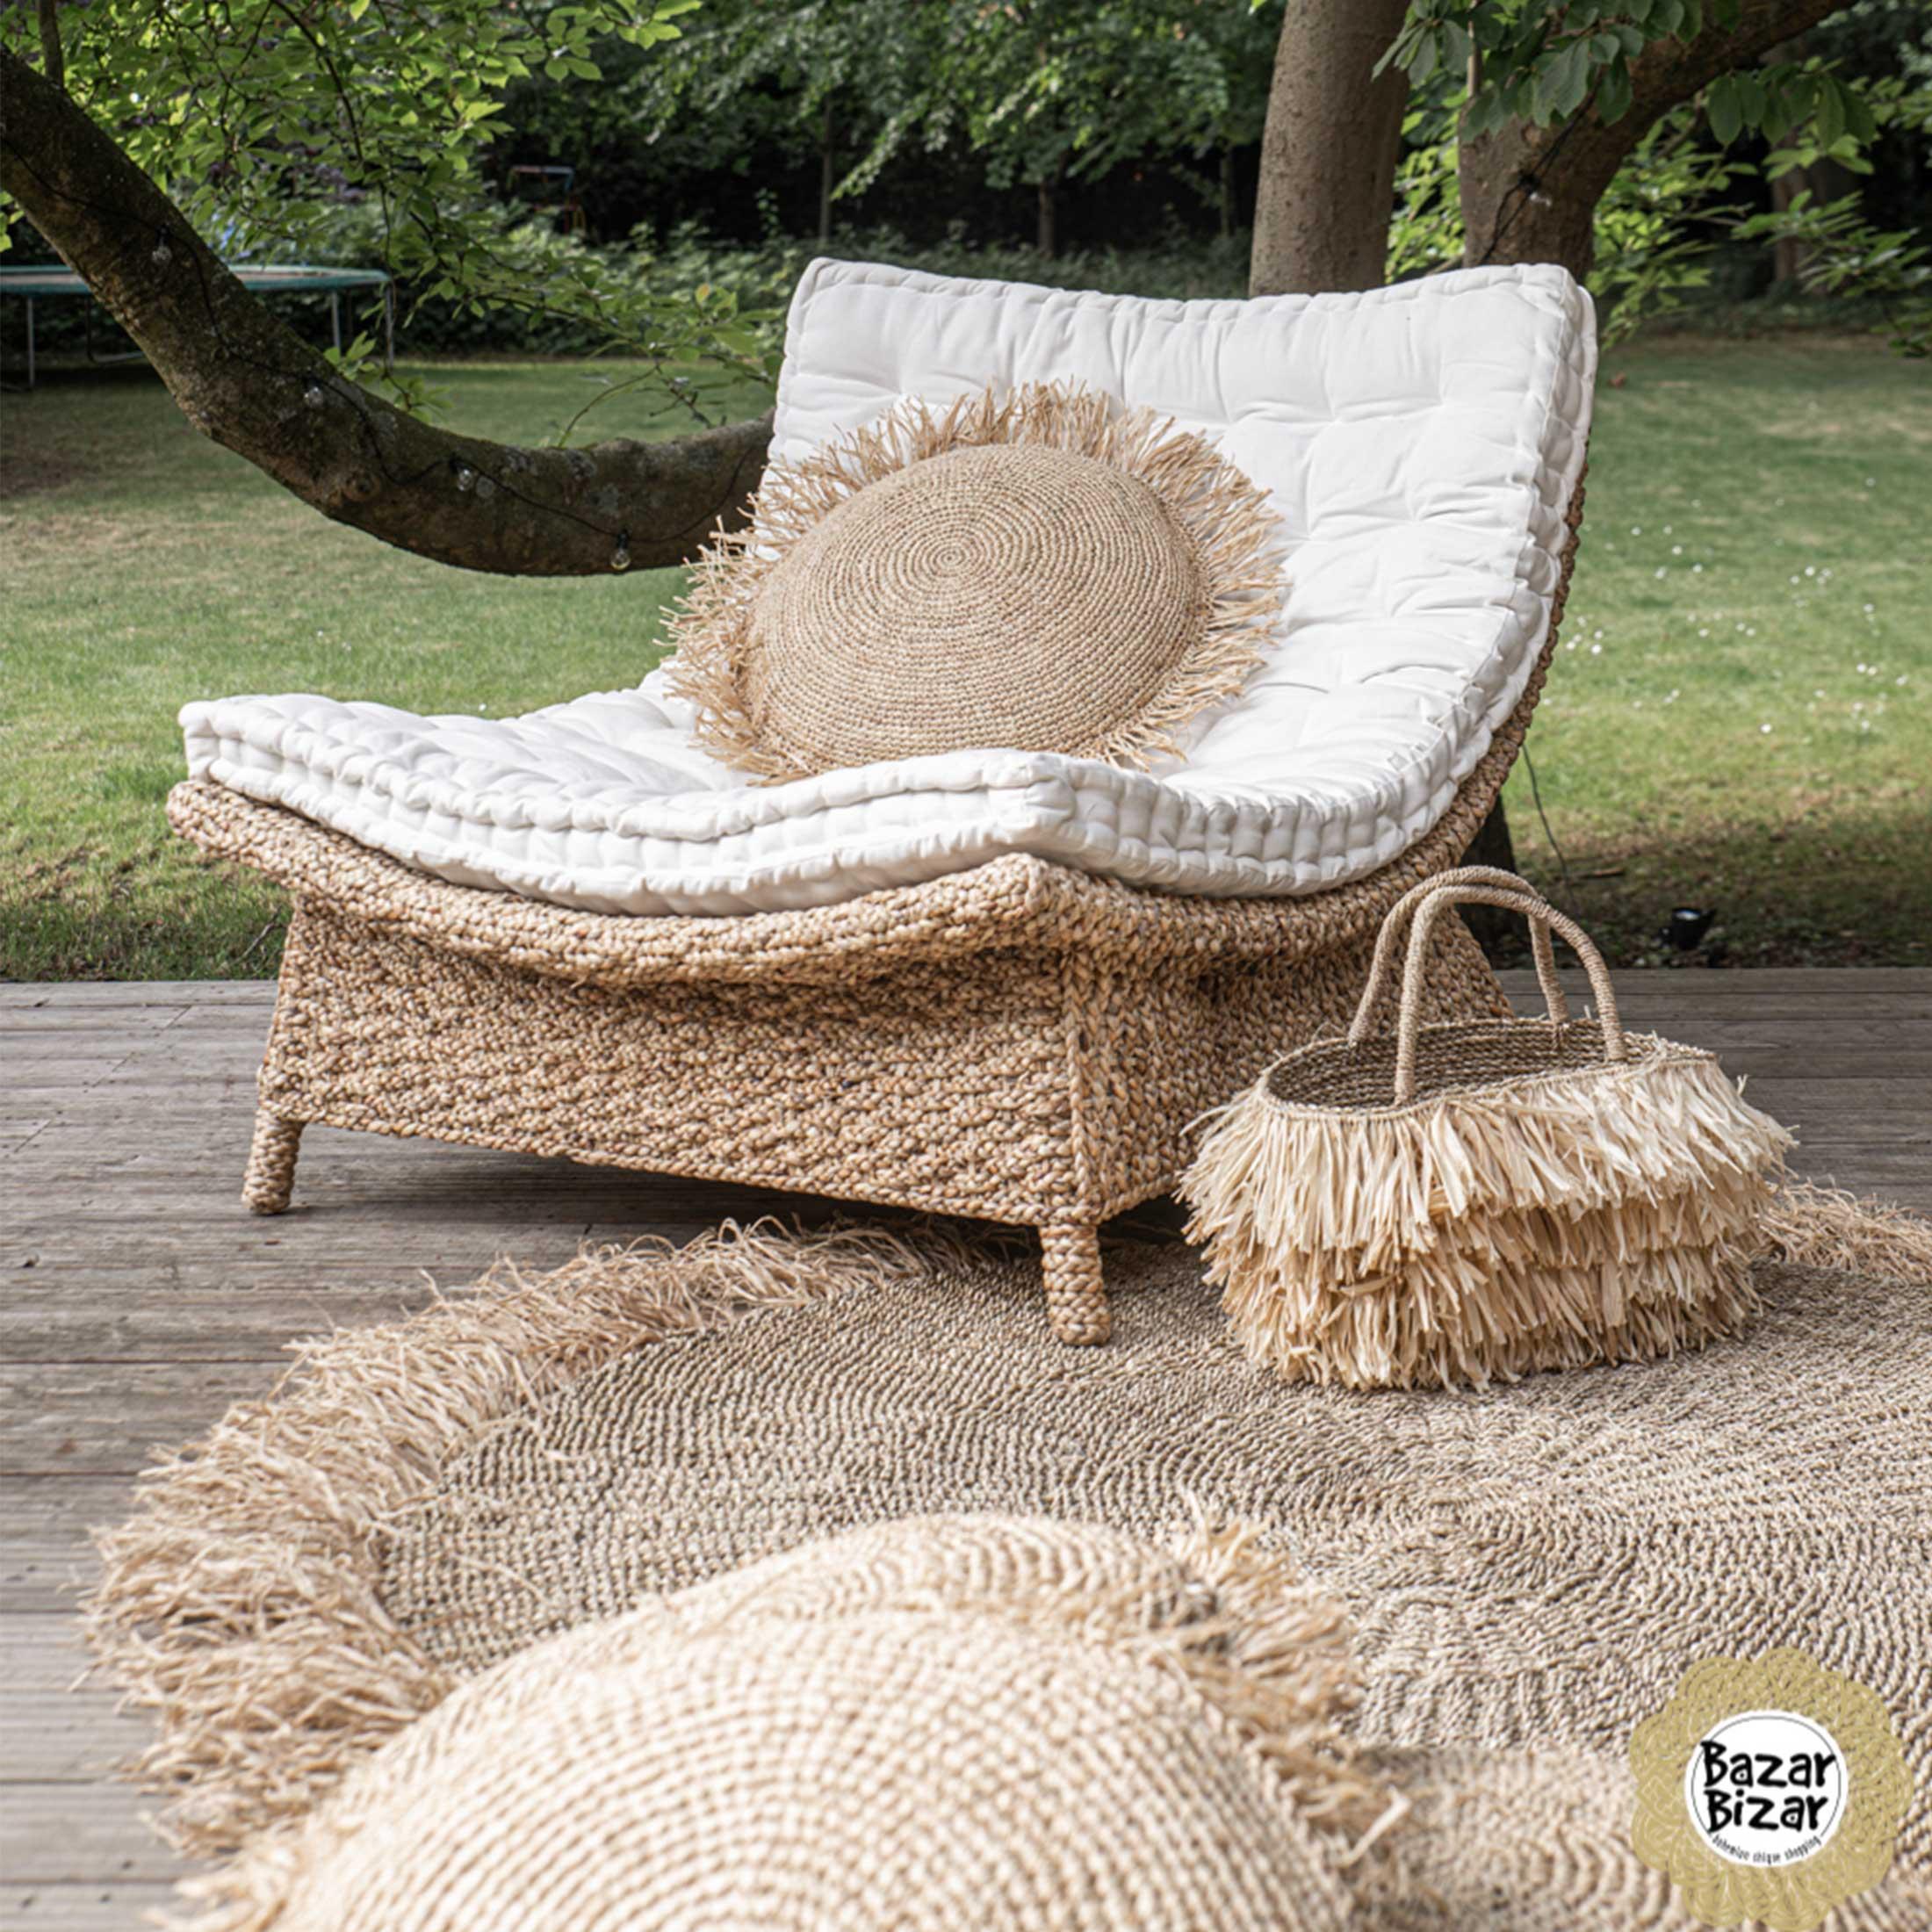 Handtasche aus Bast für den Sommerlook im Ibiza Style. Entdecke die wunderschönen Taschen von der Trendmarke Bazar Bizar